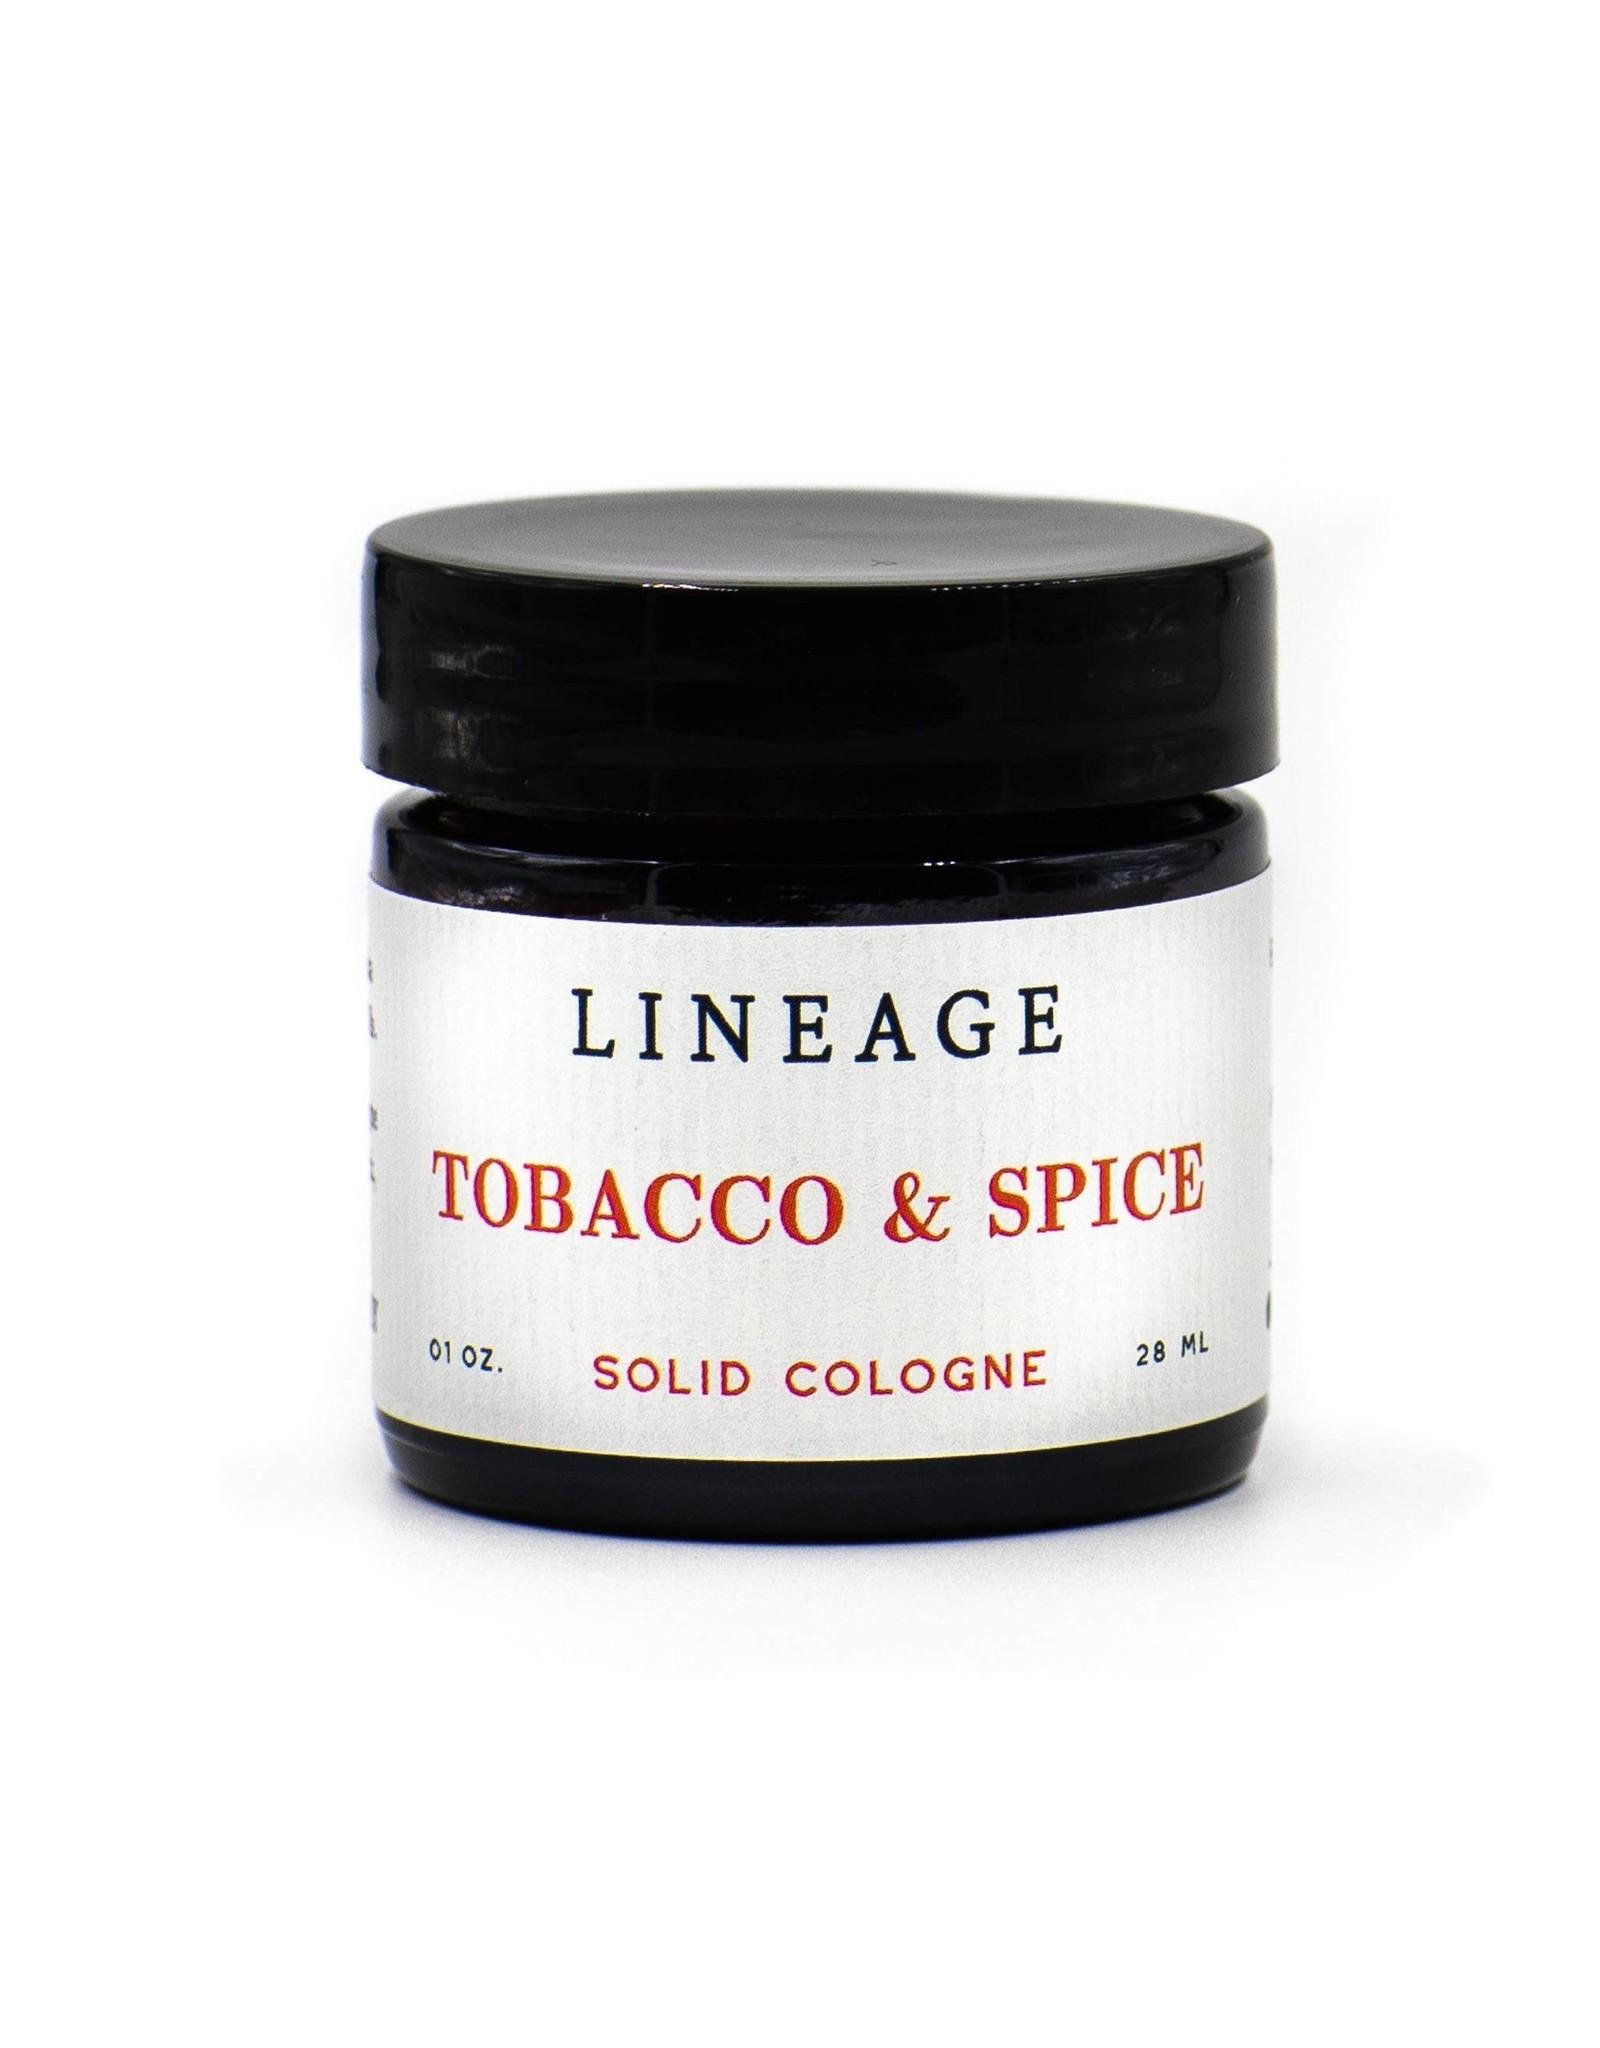 Lineage Tobacco & Spice Solid Cologne